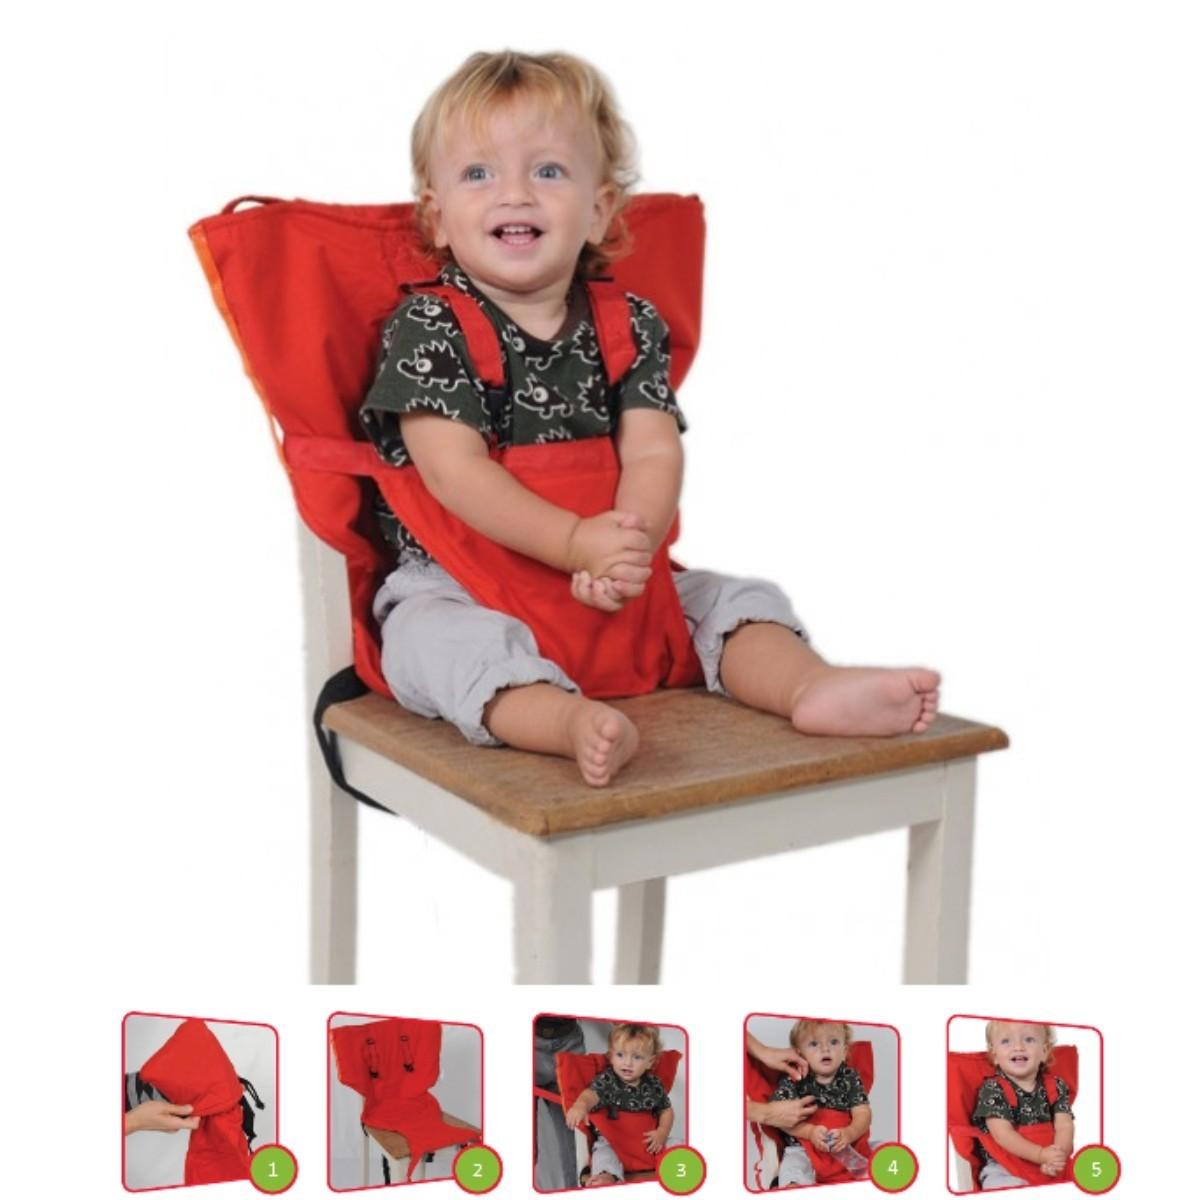 Silla port til para beb s y ni os de 1 a 5a os bolso for Silla para coche nino 4 anos